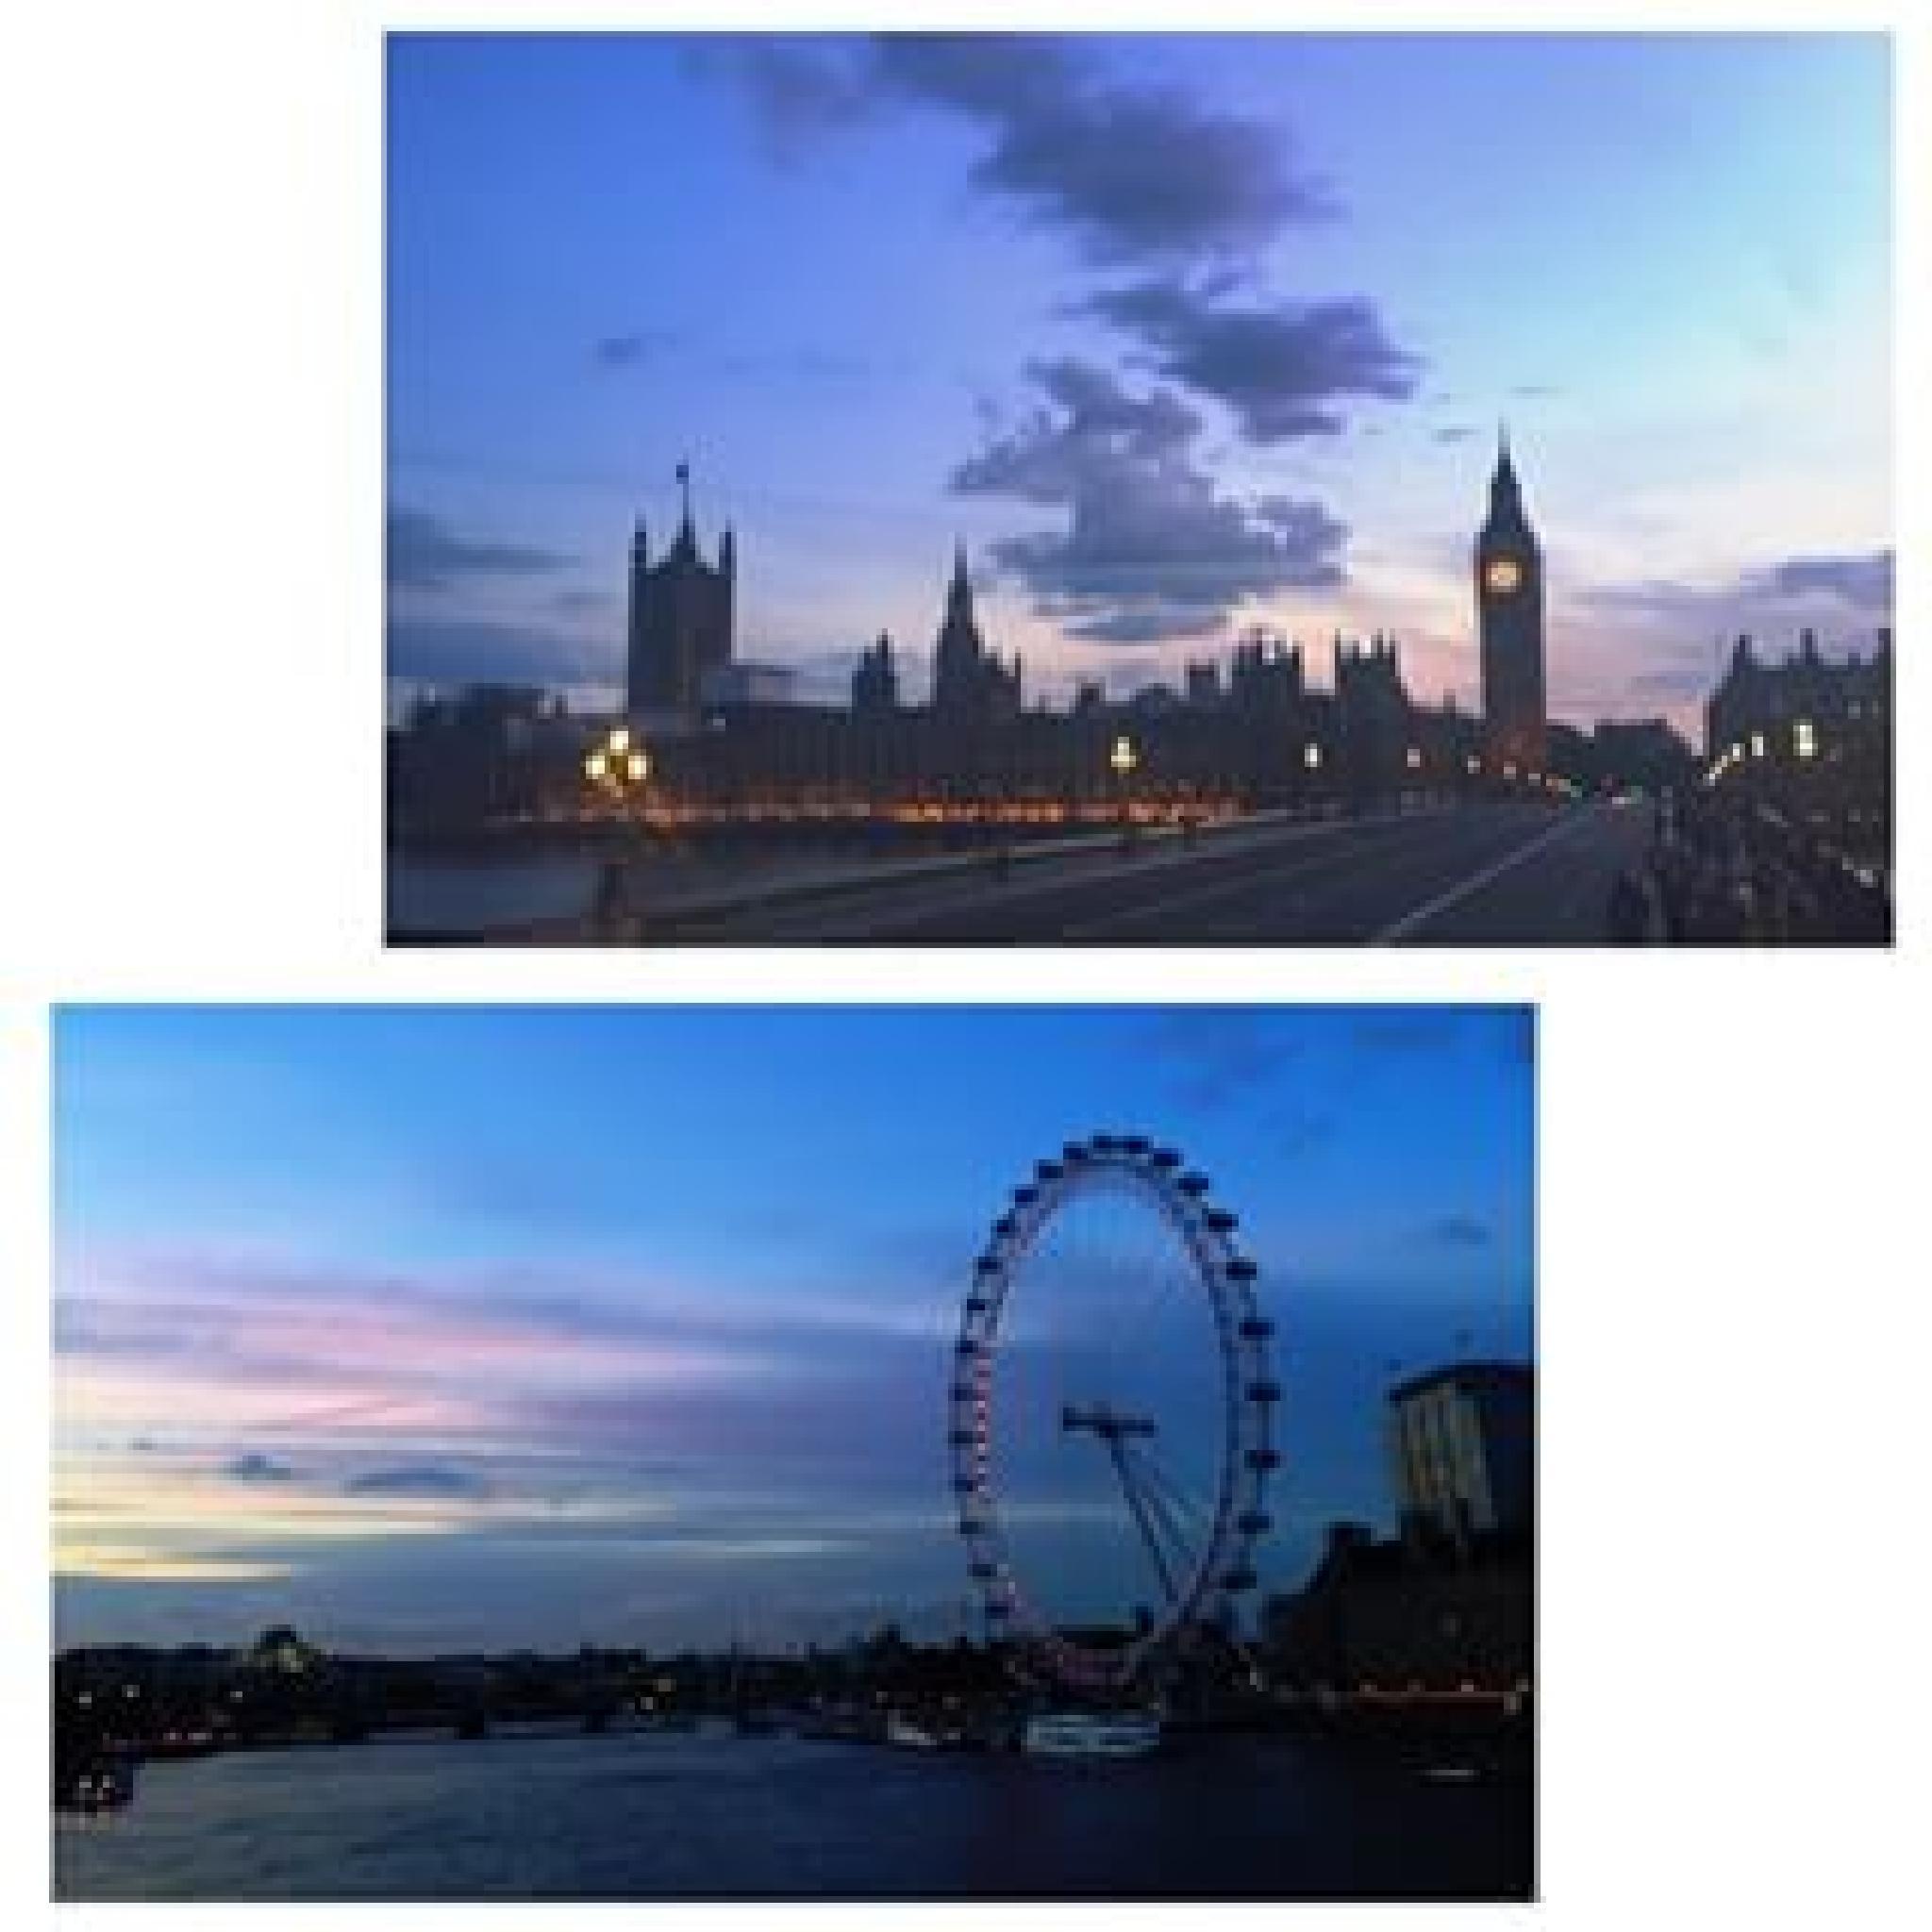 LONDONNNN *__* by WaliyhaAzadMalik